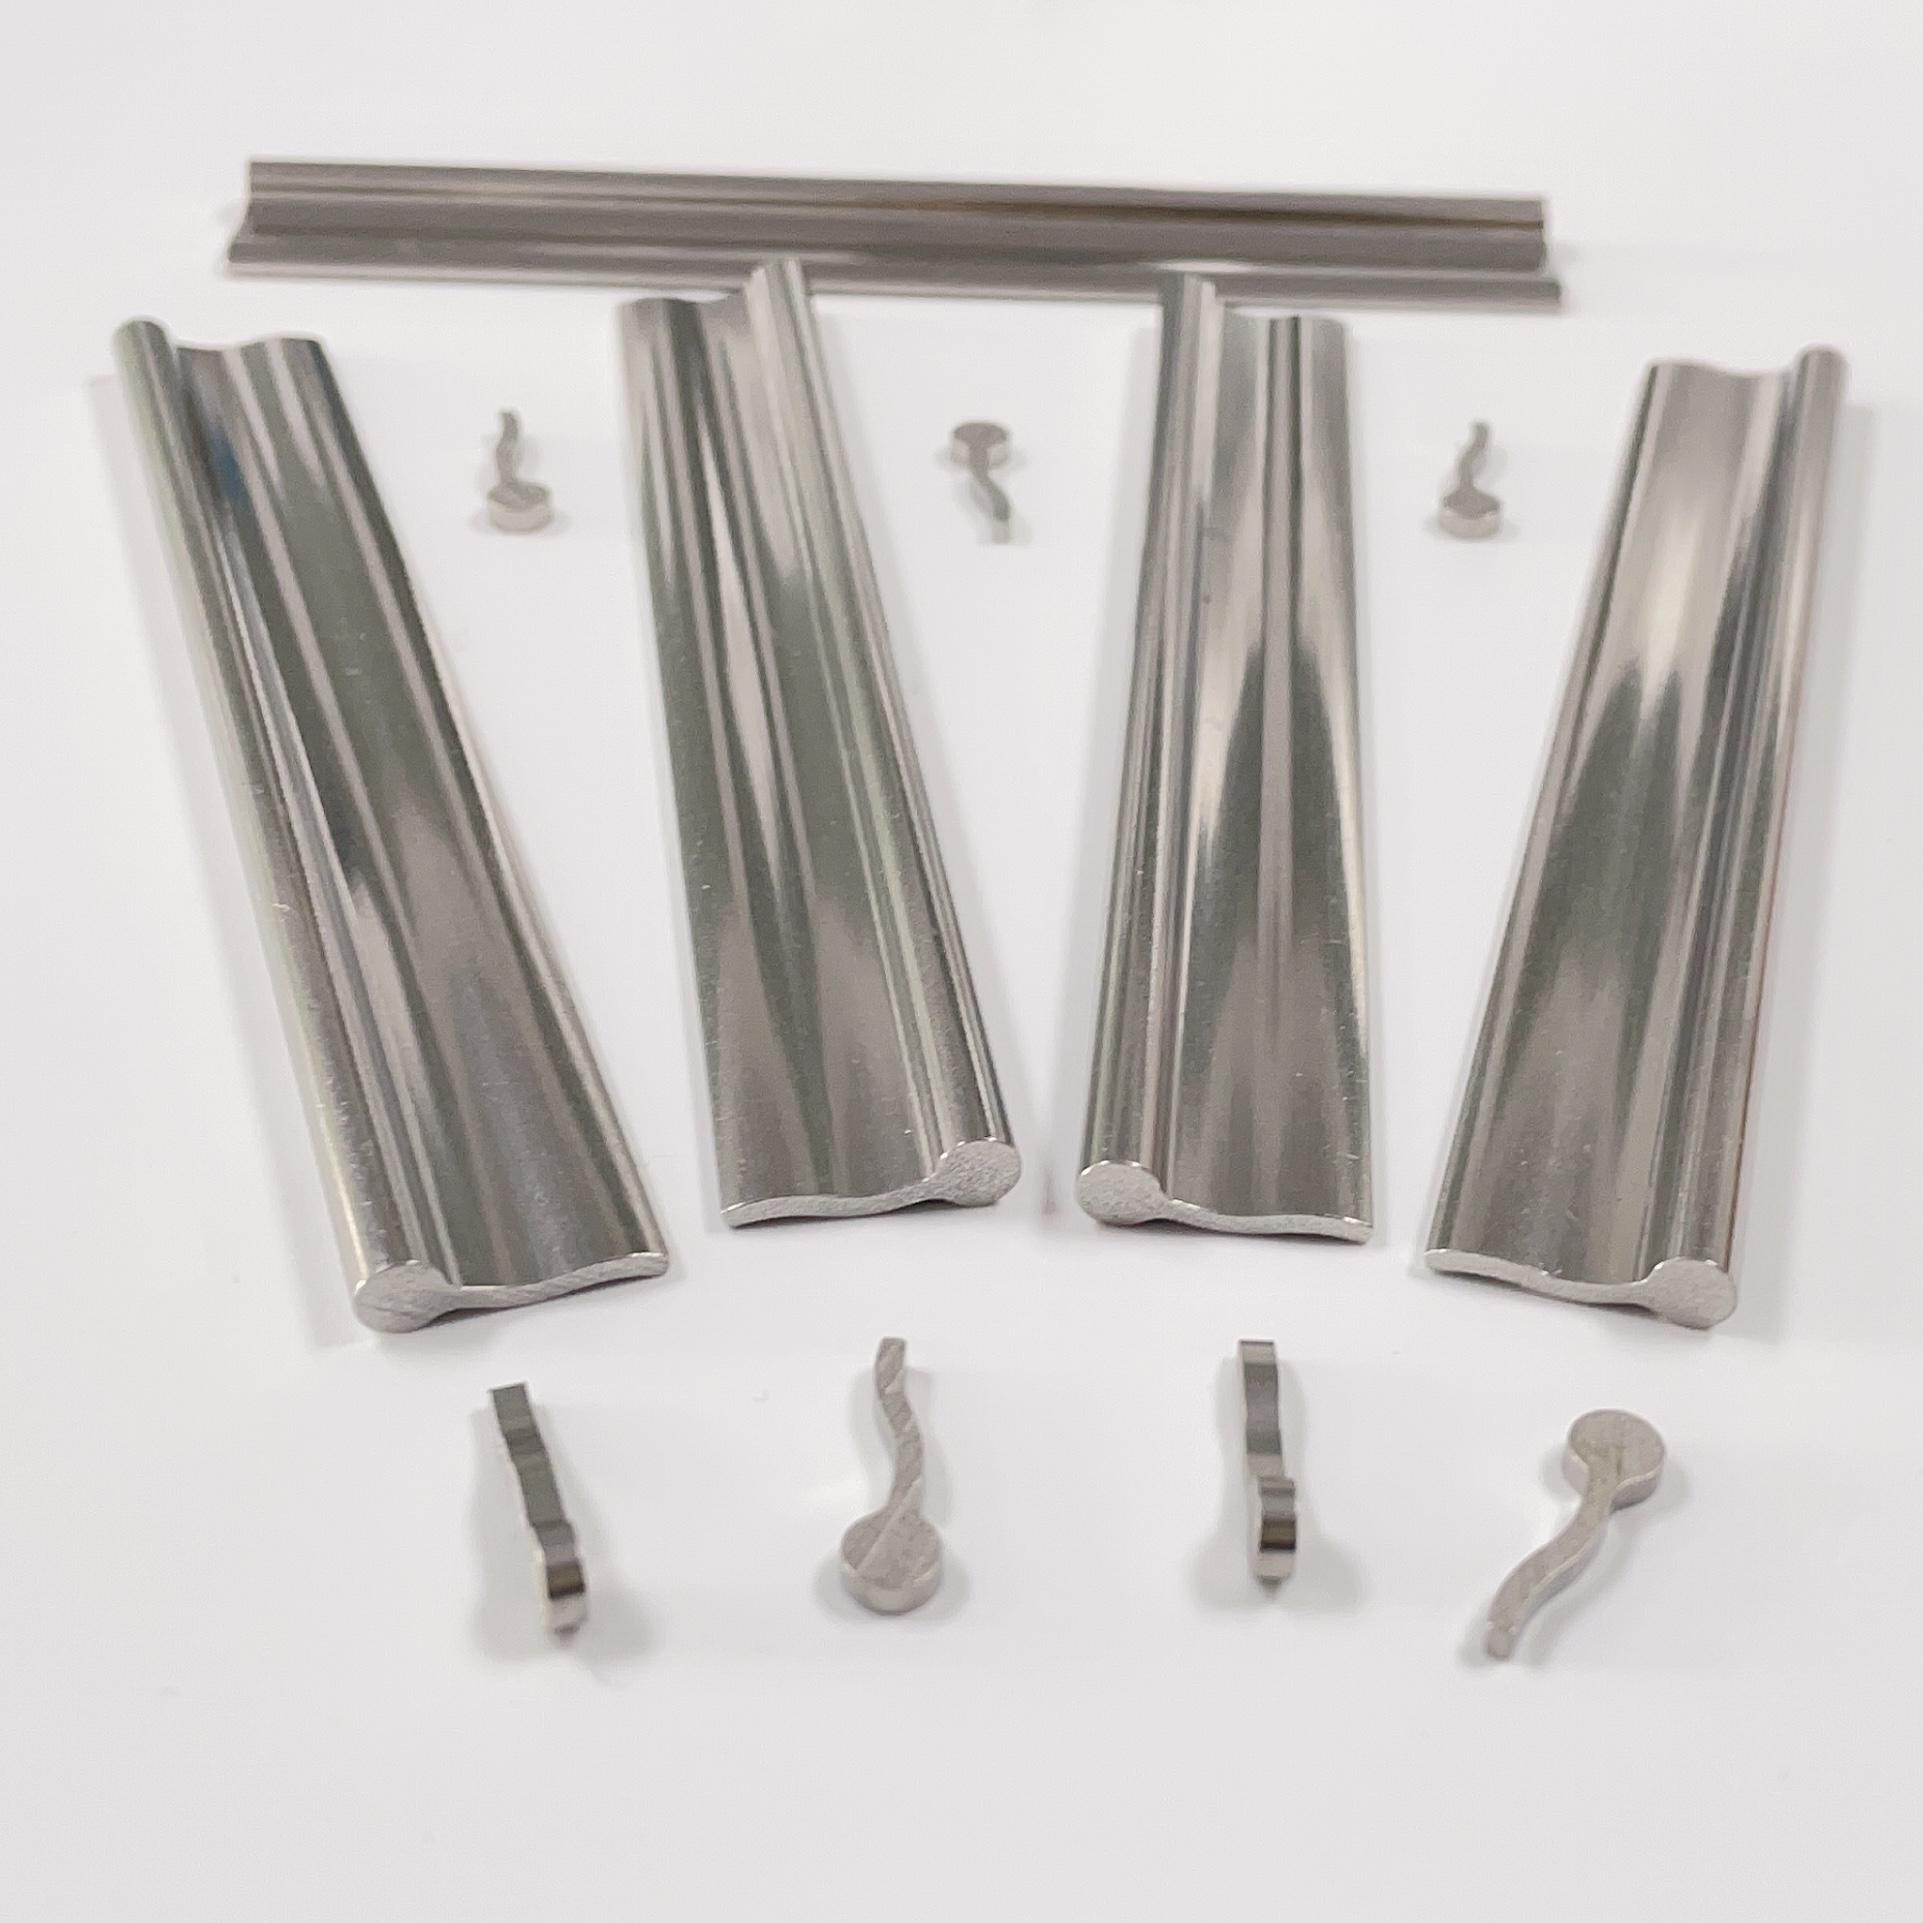 惠州不銹鋼異型材批發-惠州濠特異-高精密異型材加工型材現貨